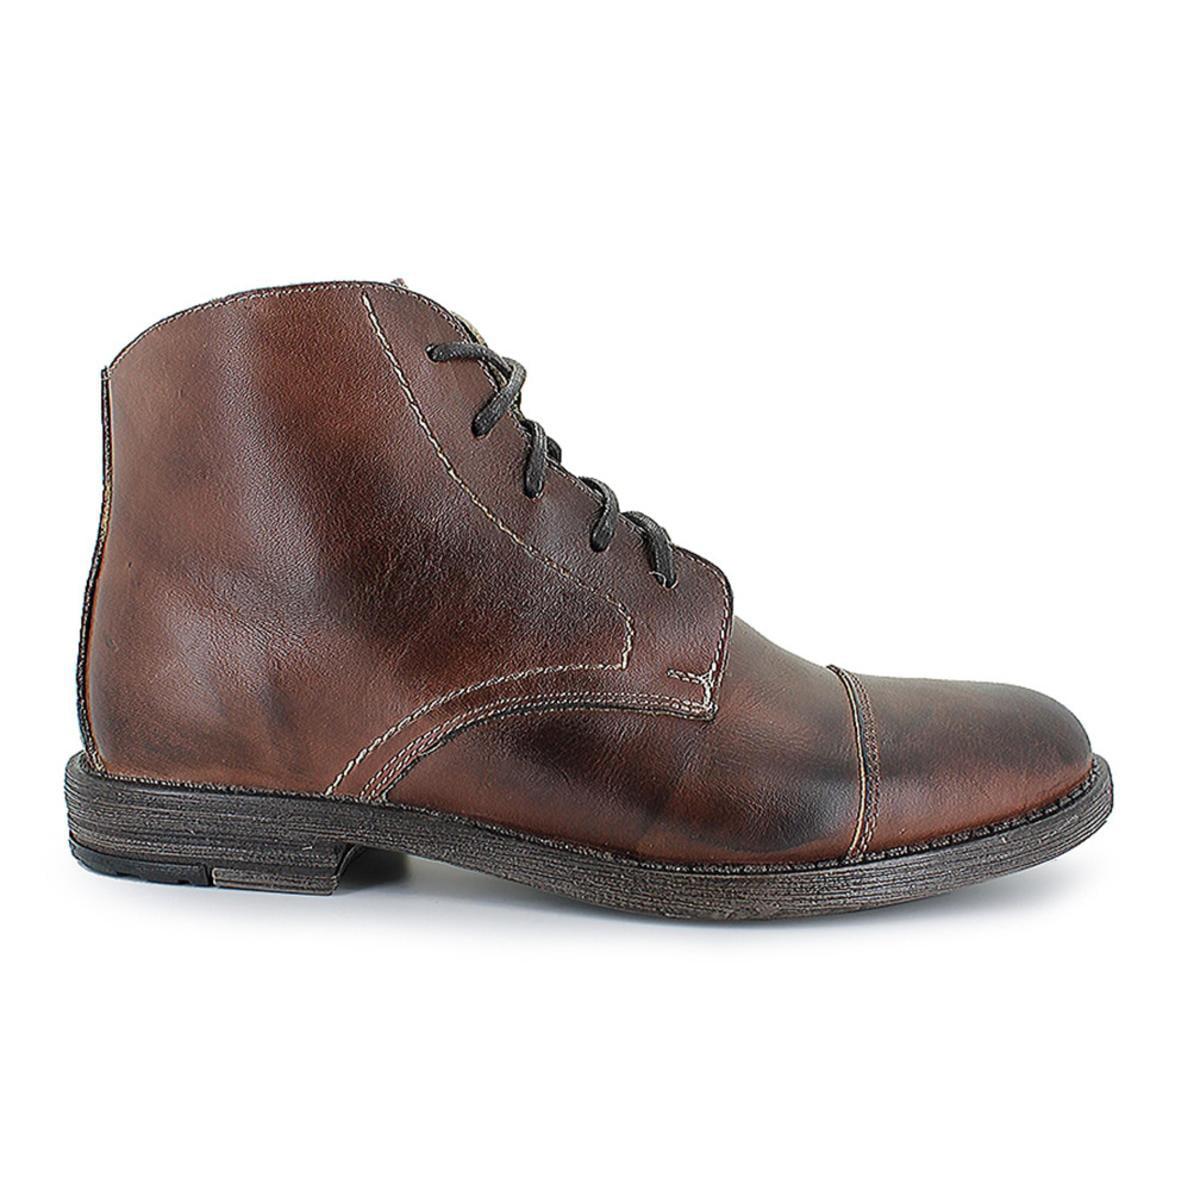 Bedstu Men's Ross Teak Rustic Boot